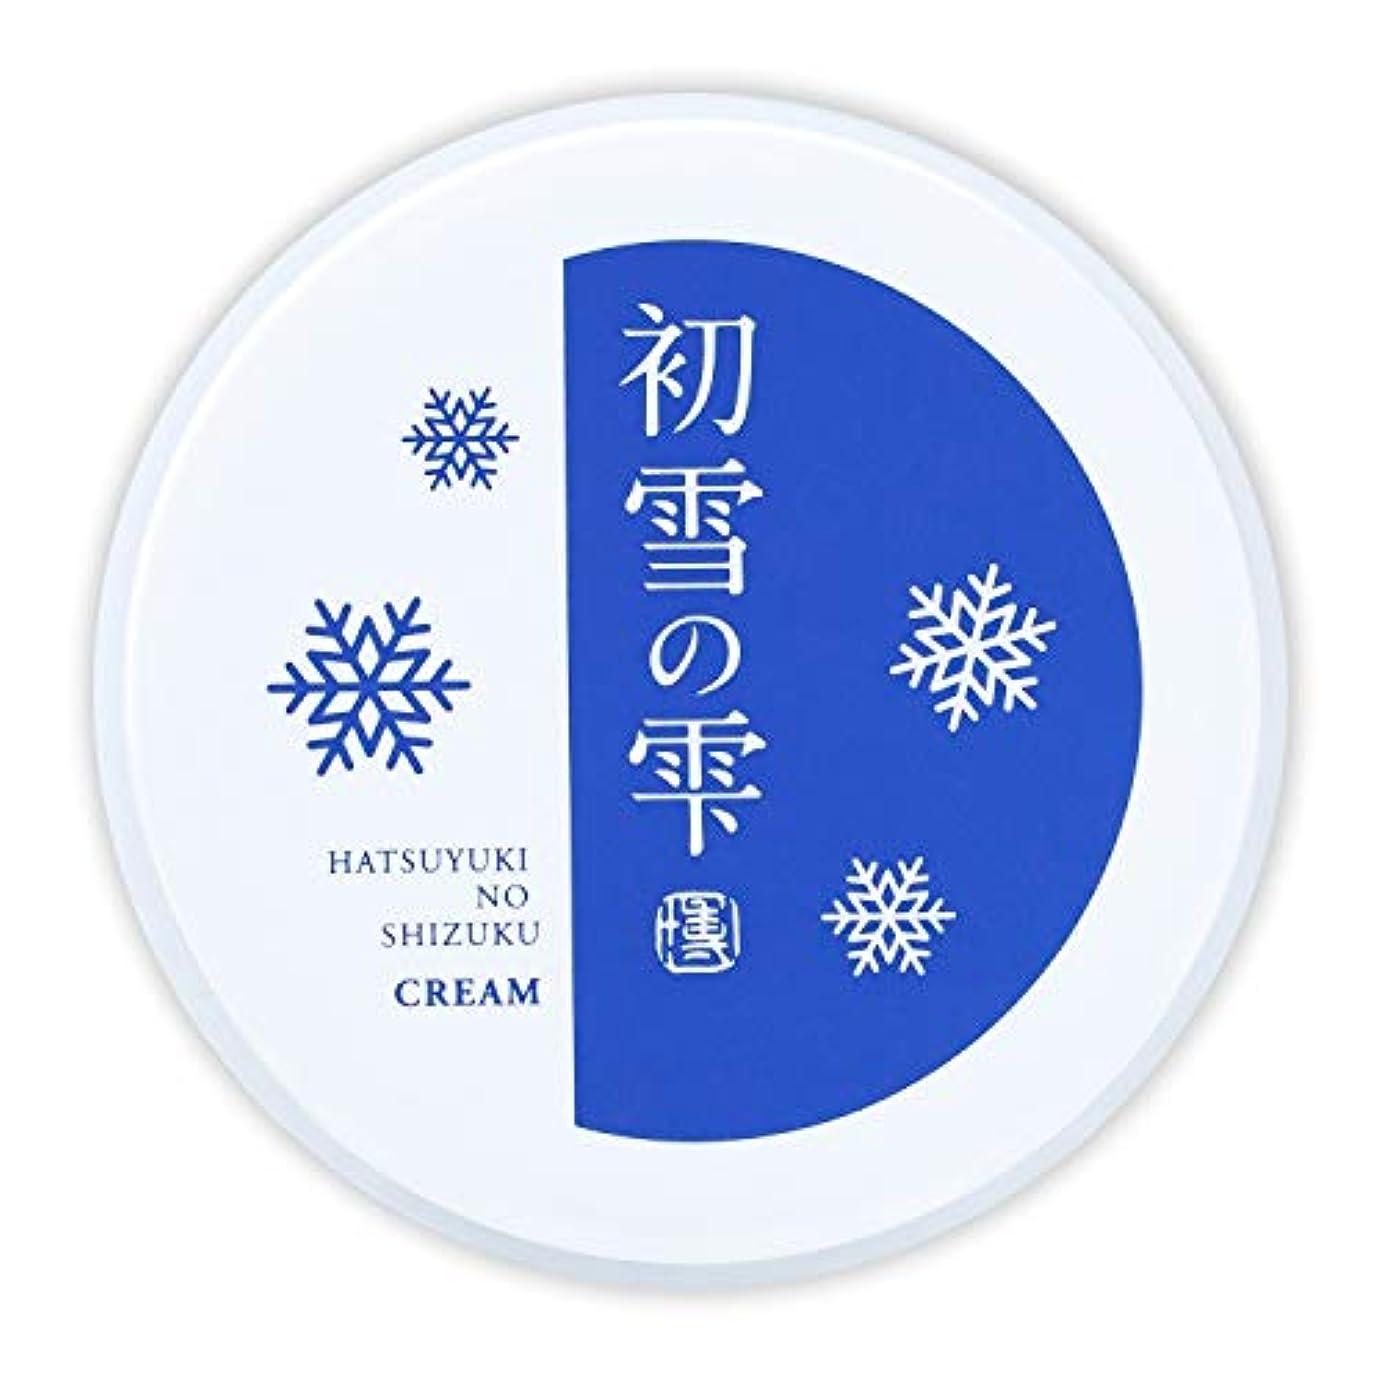 会計士気になる消える初雪の雫 オールインワン 保湿 クリーム 27g 約2週間分 [プラセンタ ヒアルロン酸 セラミド アルブチン ビタミンC ]